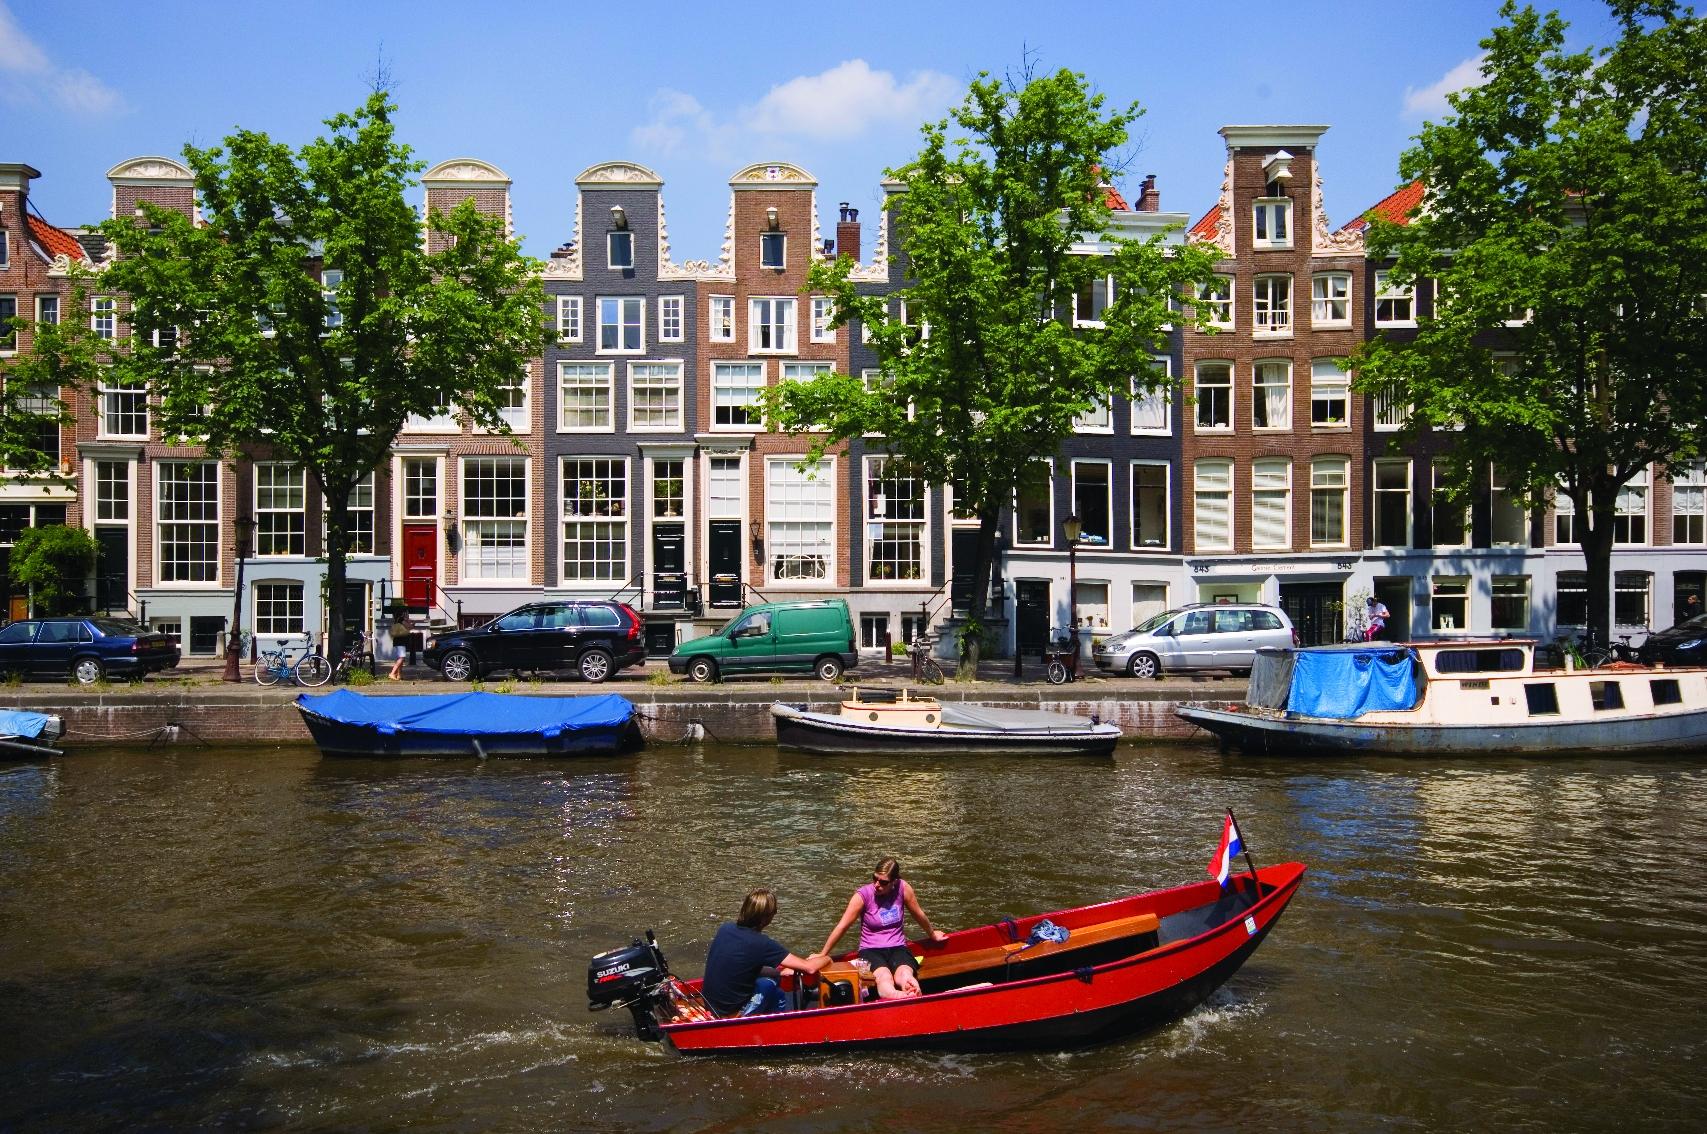 facades-canals-amsterdam-_high_rgb_1093.jpg